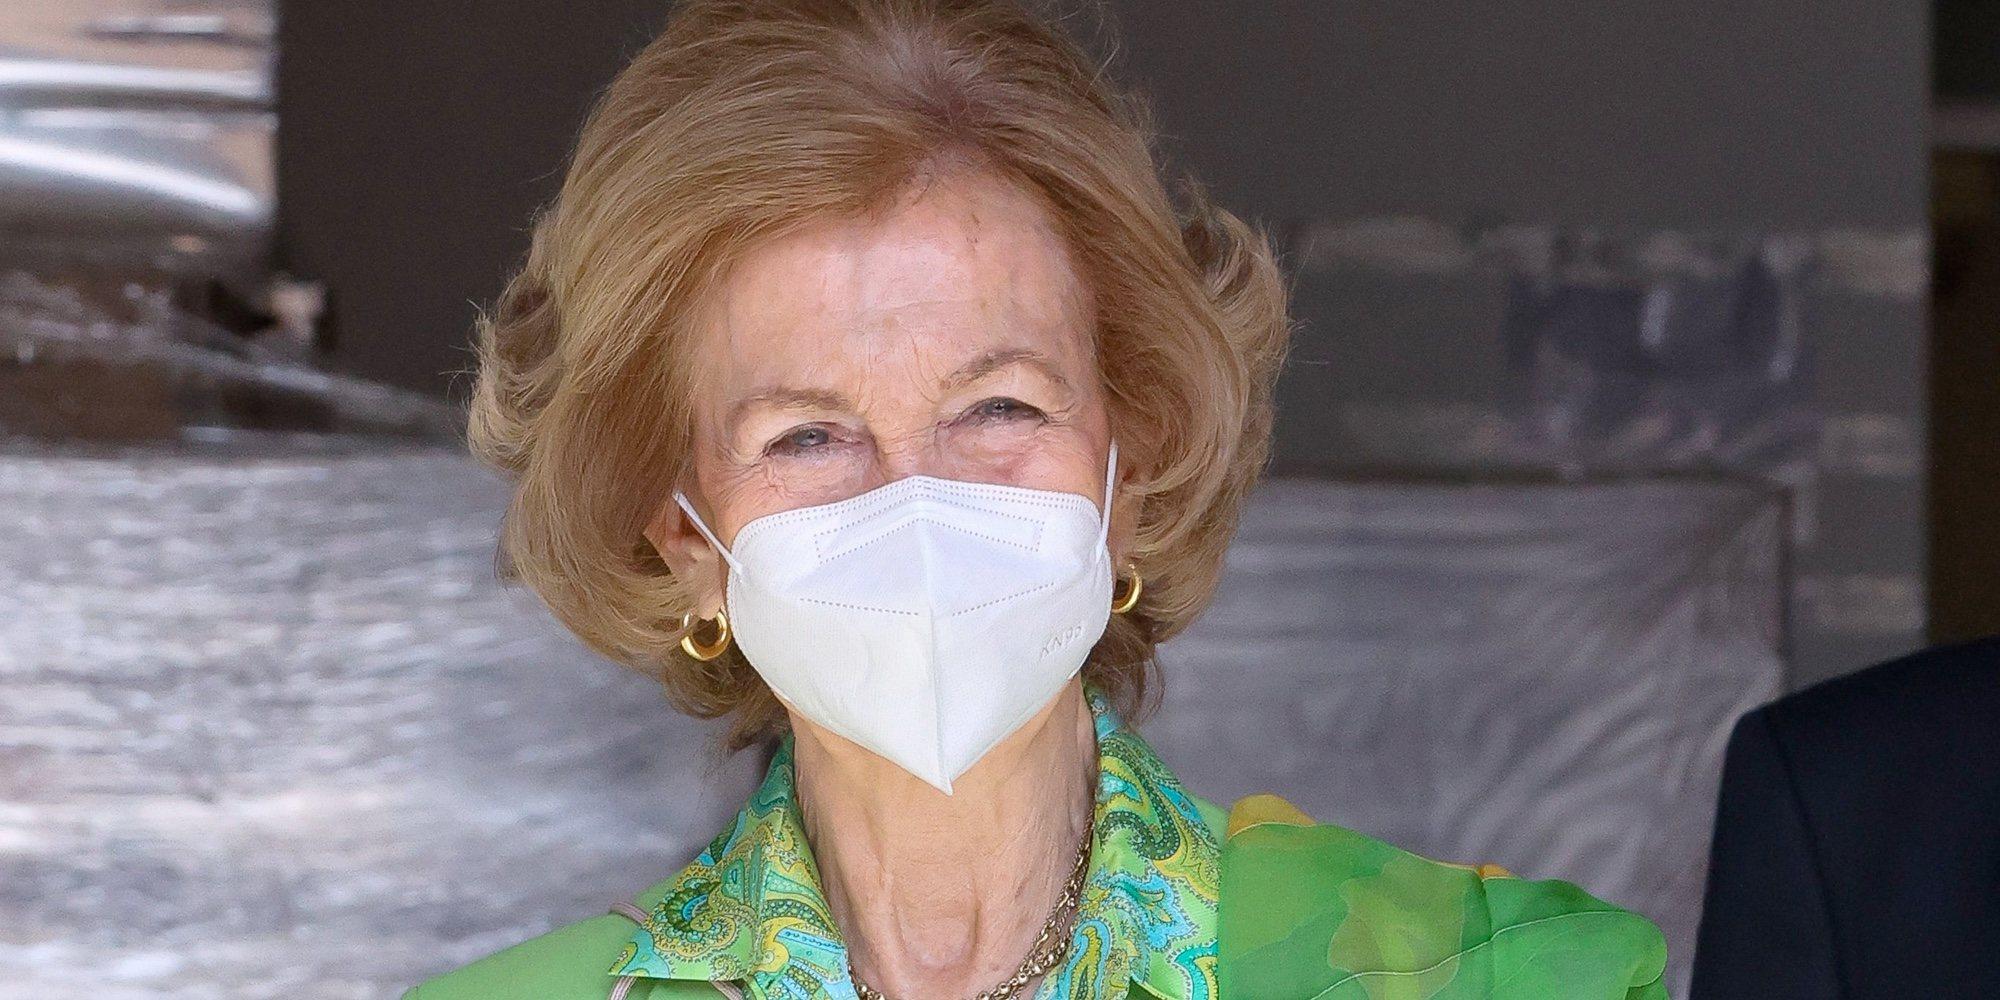 La pandemia priva a la Reina Sofía de su esperado regreso a la agenda oficial de Casa Real